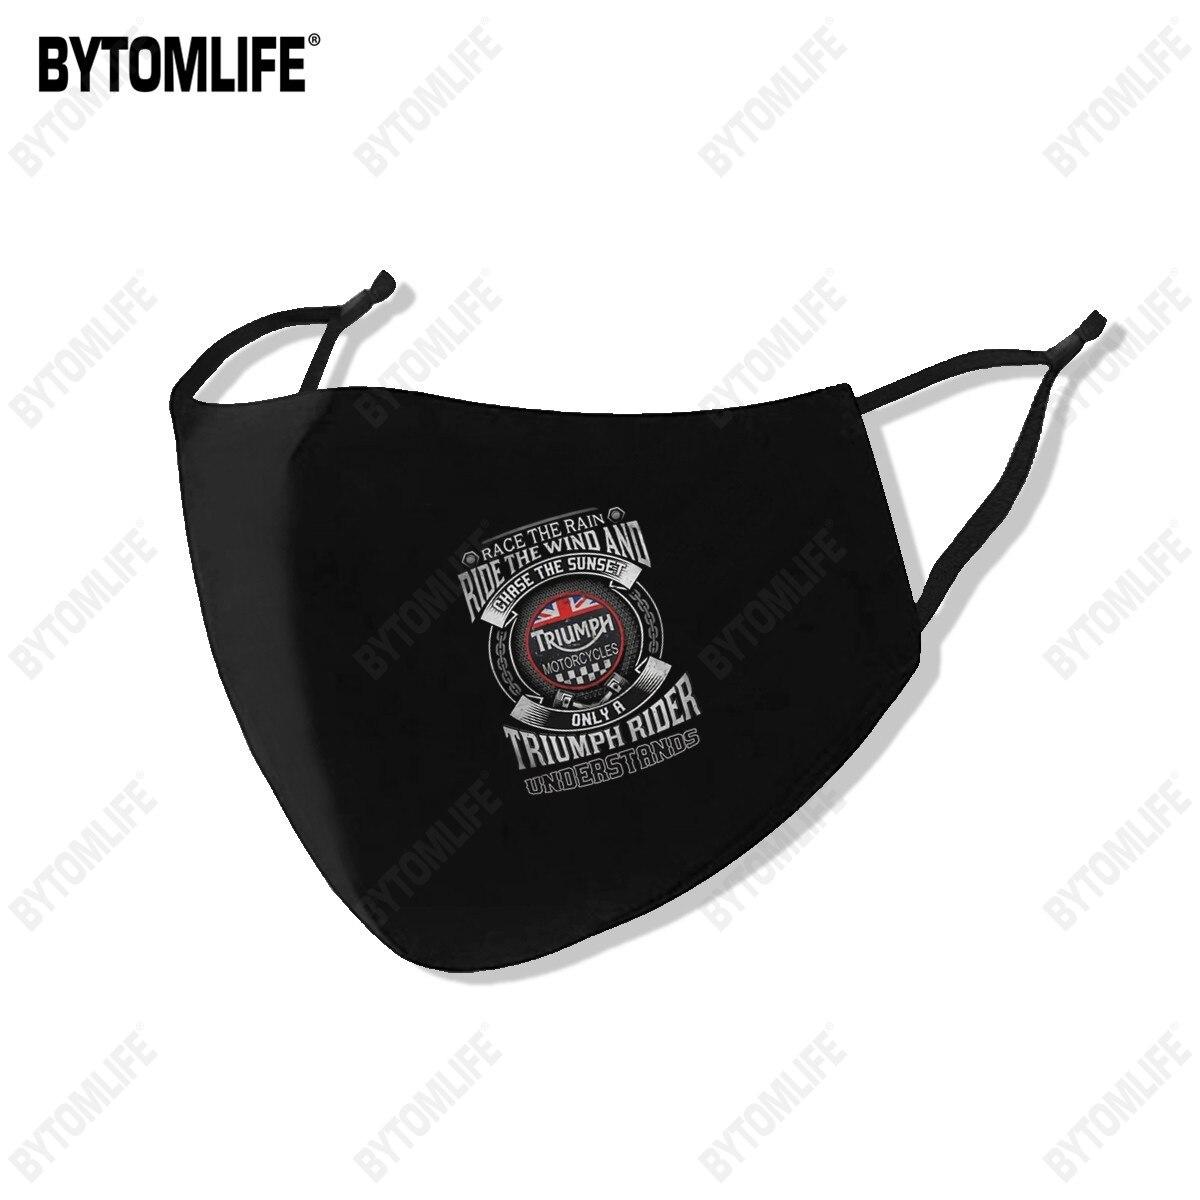 Гонка под дождем TRIUMPH маска изготовлен из полиэстра, стирающаяся дышащая многоразовые Водонепроницаемый-и пыленепроницаемости: хлопковая ...